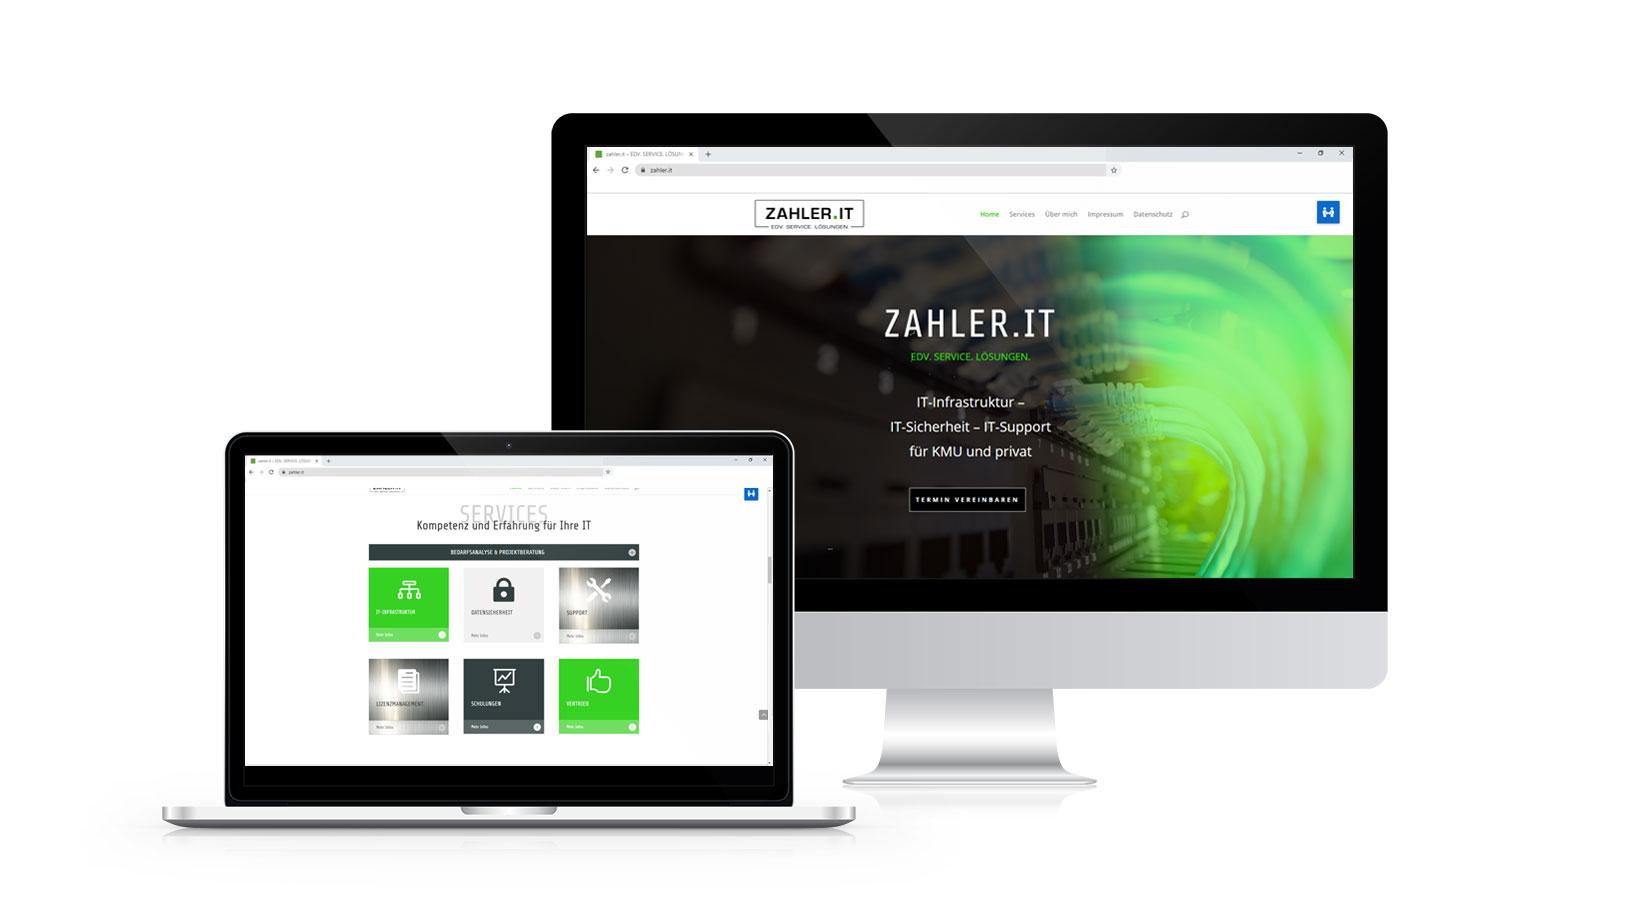 Website von ZAHLER.IT auf verschiedenen Displays